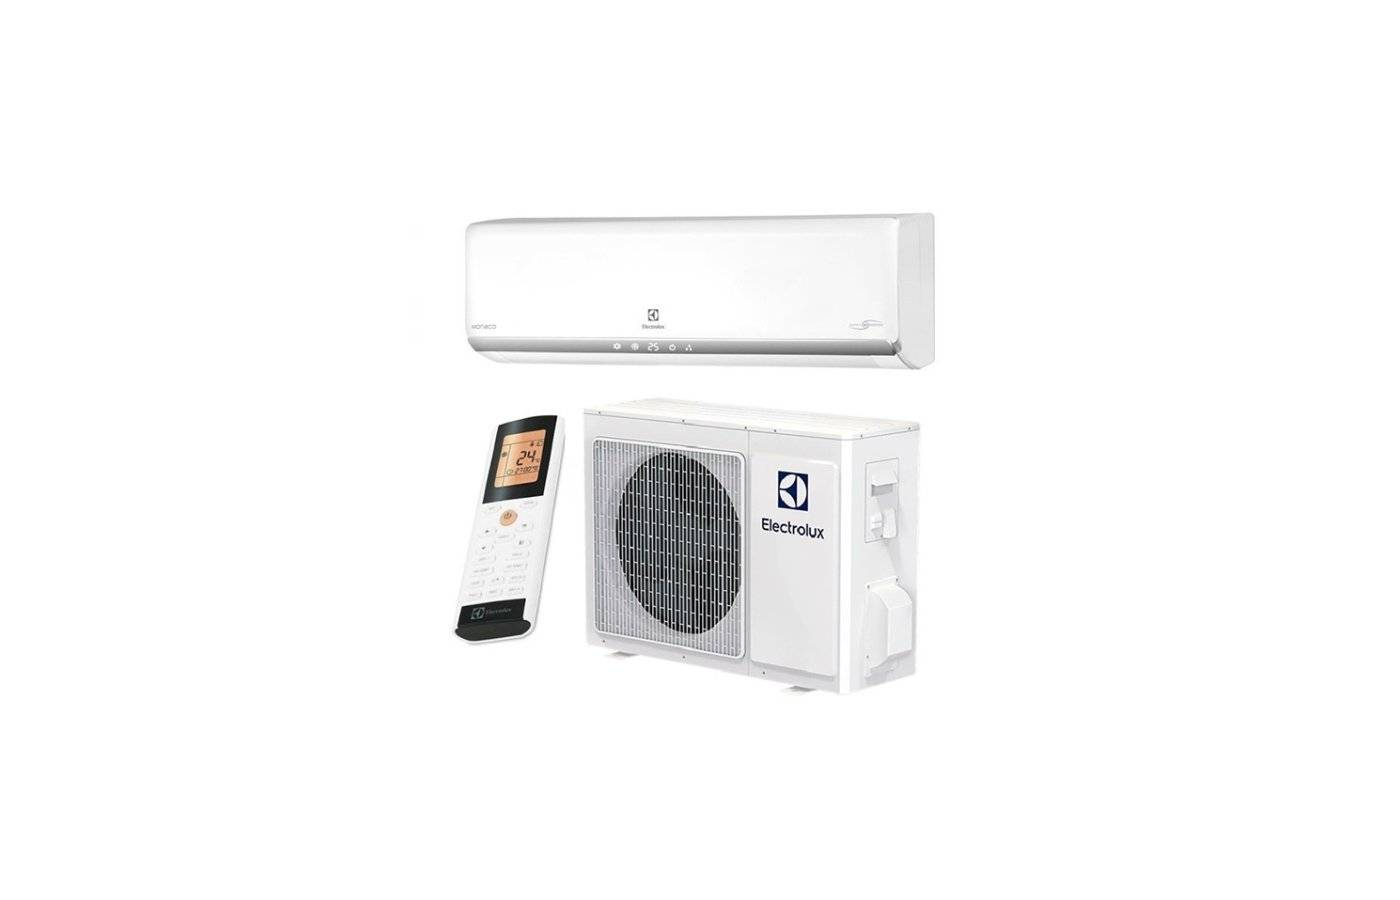 Отзывы electrolux eacs-07hg/n3   кондиционеры electrolux   подробные характеристики, видео обзоры, отзывы покупателей